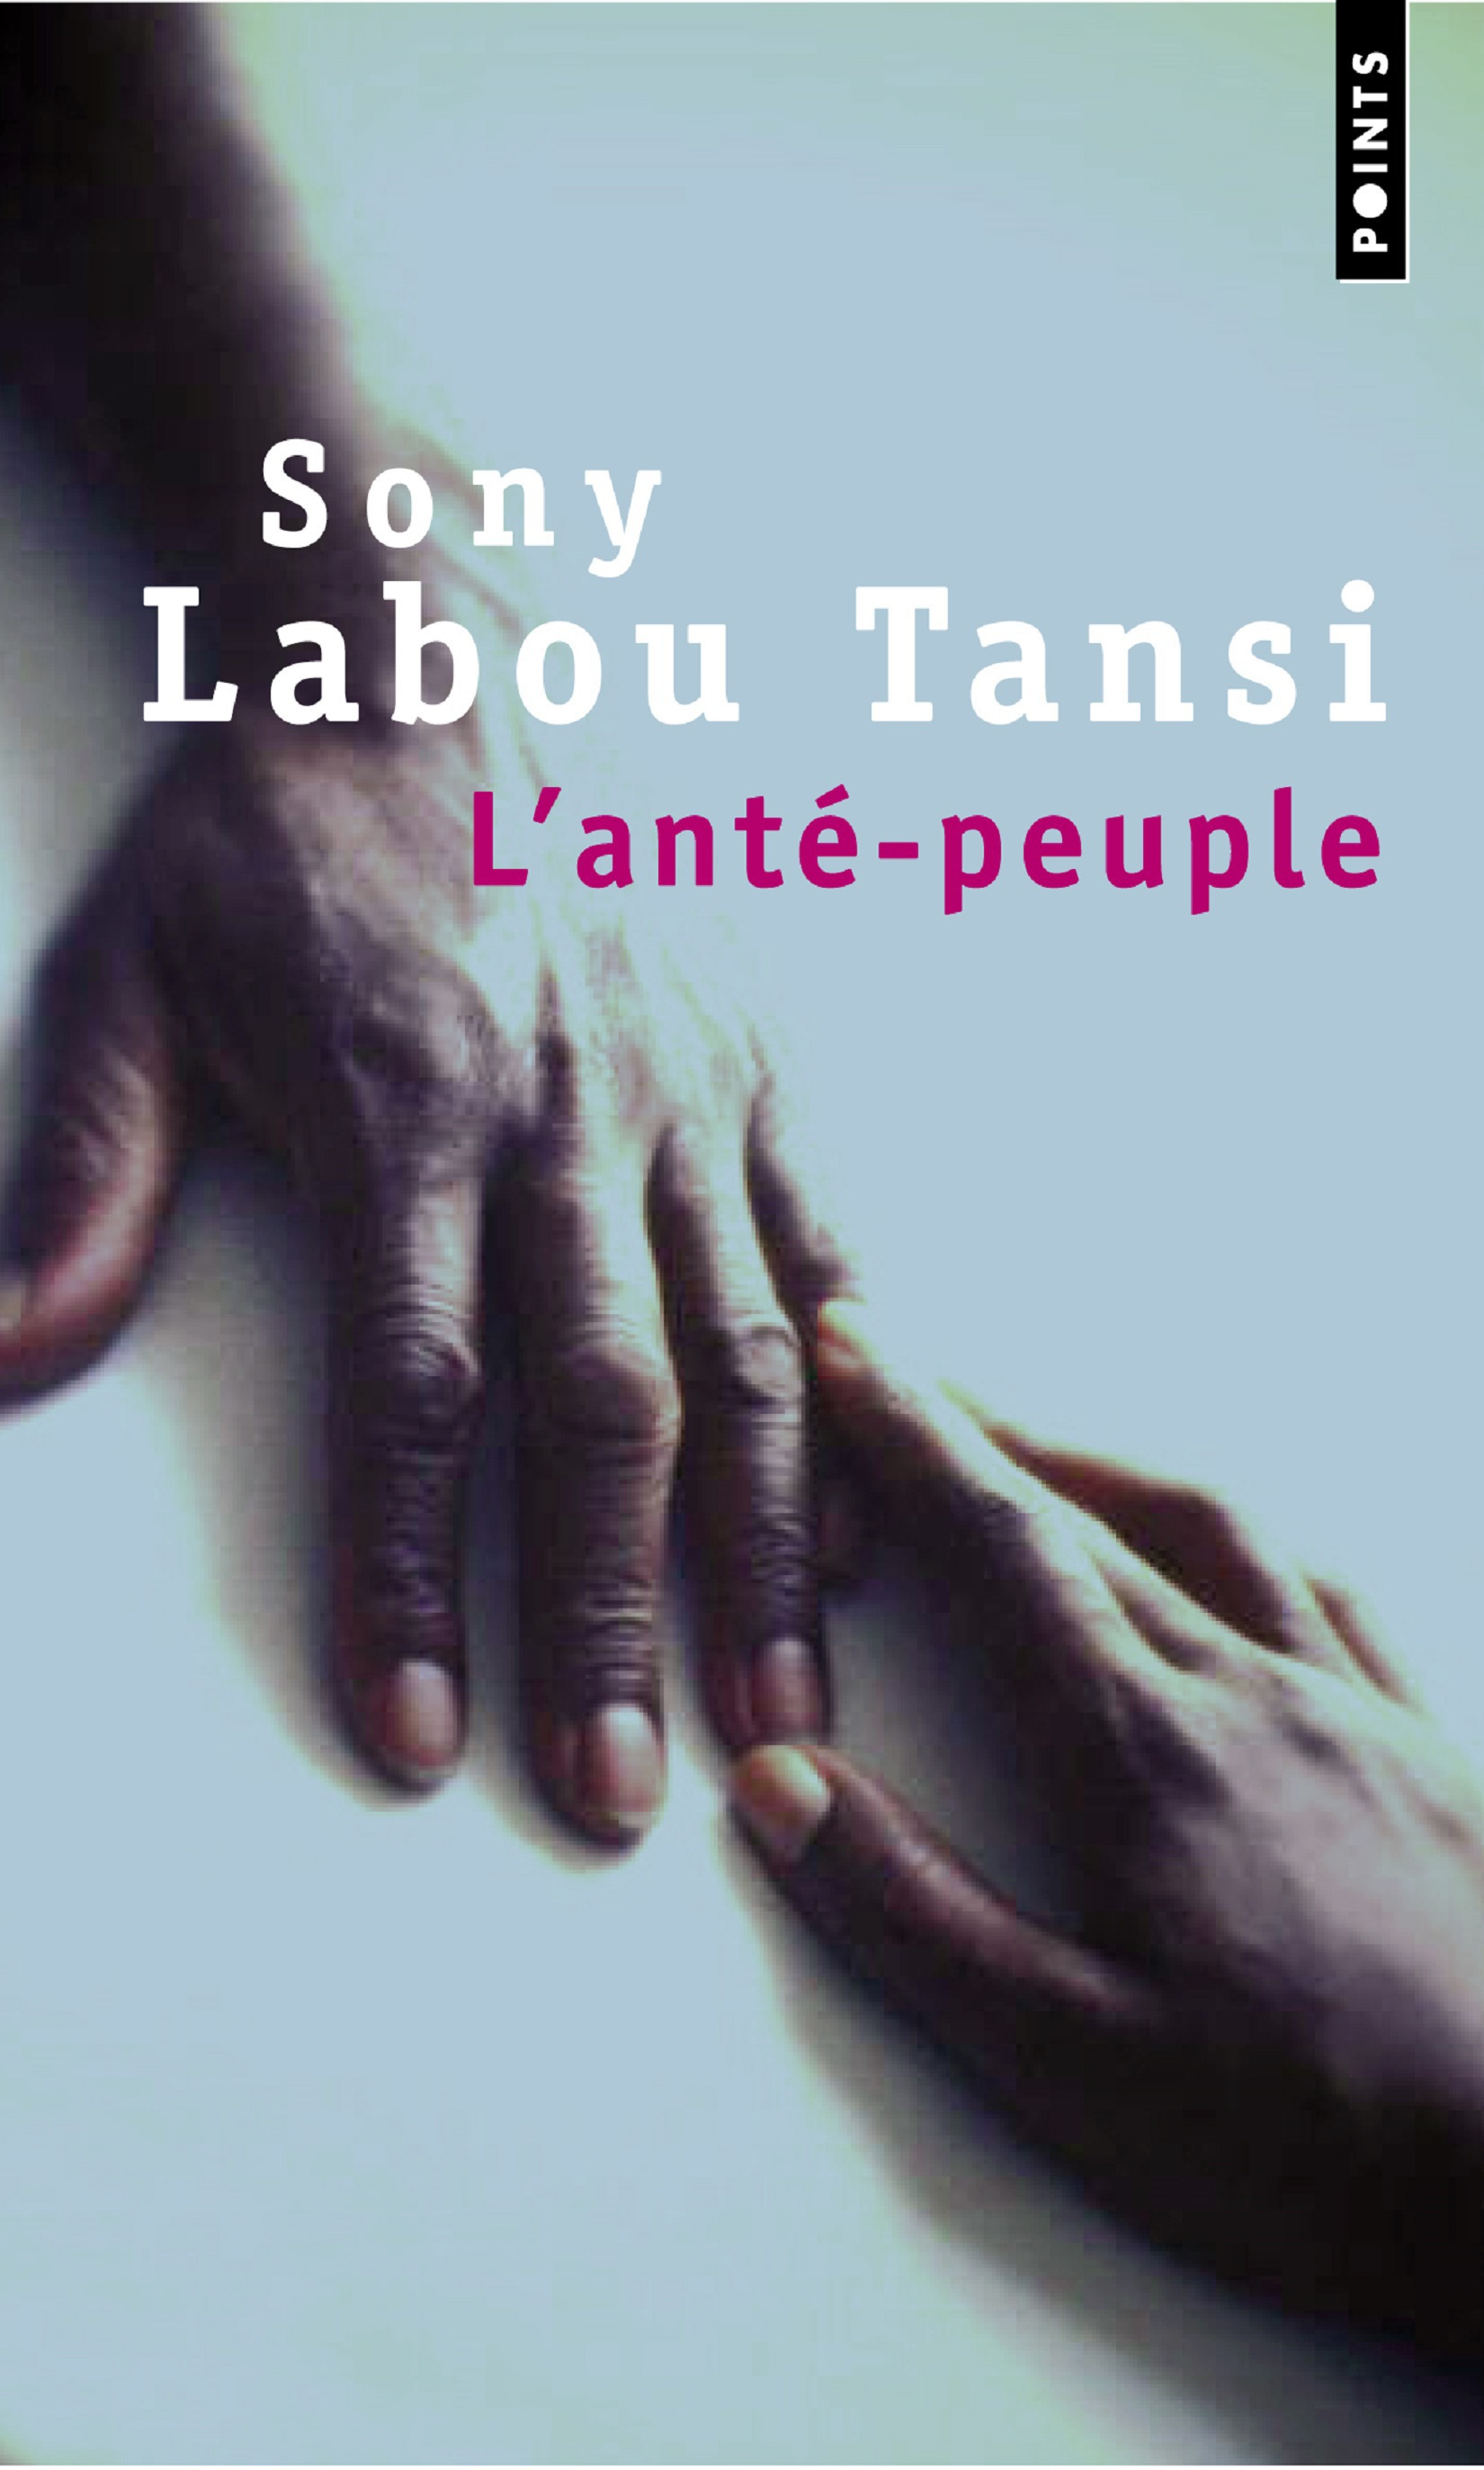 L'Anté-peuple | Labou Tansi, Sony